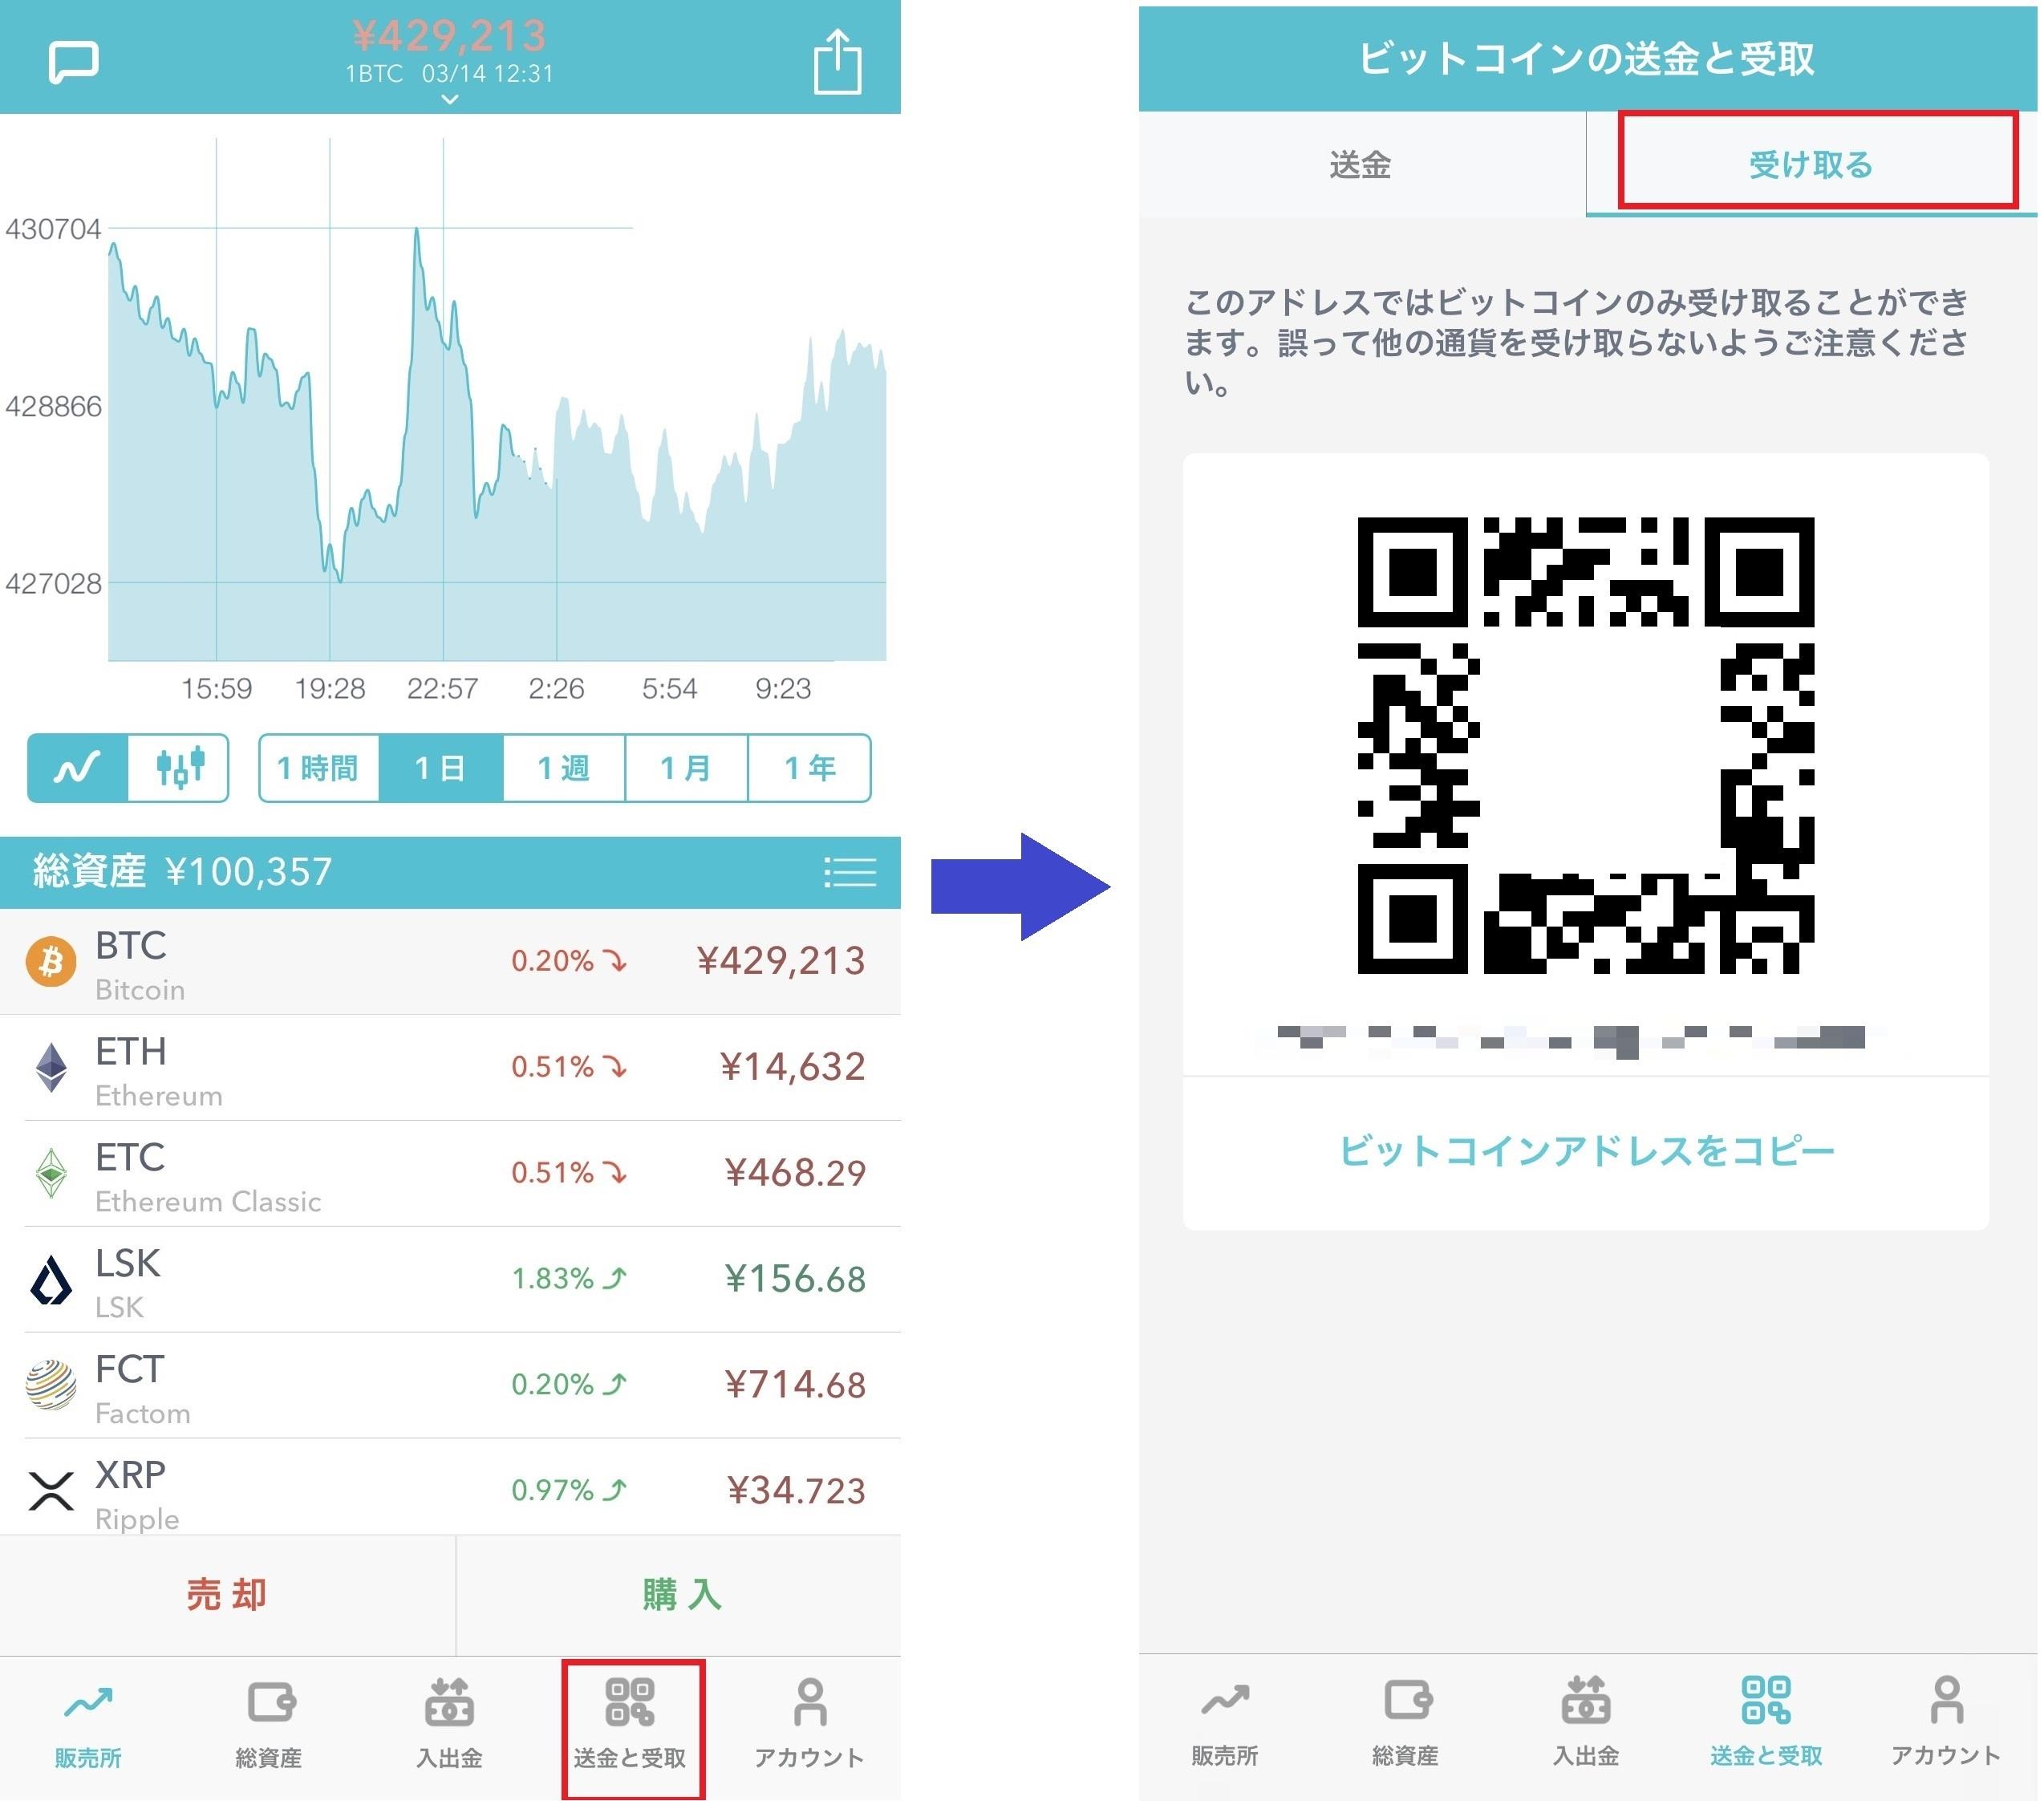 コインチェックの送金方法!世界一簡単に徹底解説 | ゼロはじ(ゼロからはじめるビットコイン)|日本最大級の仮想通貨サイト